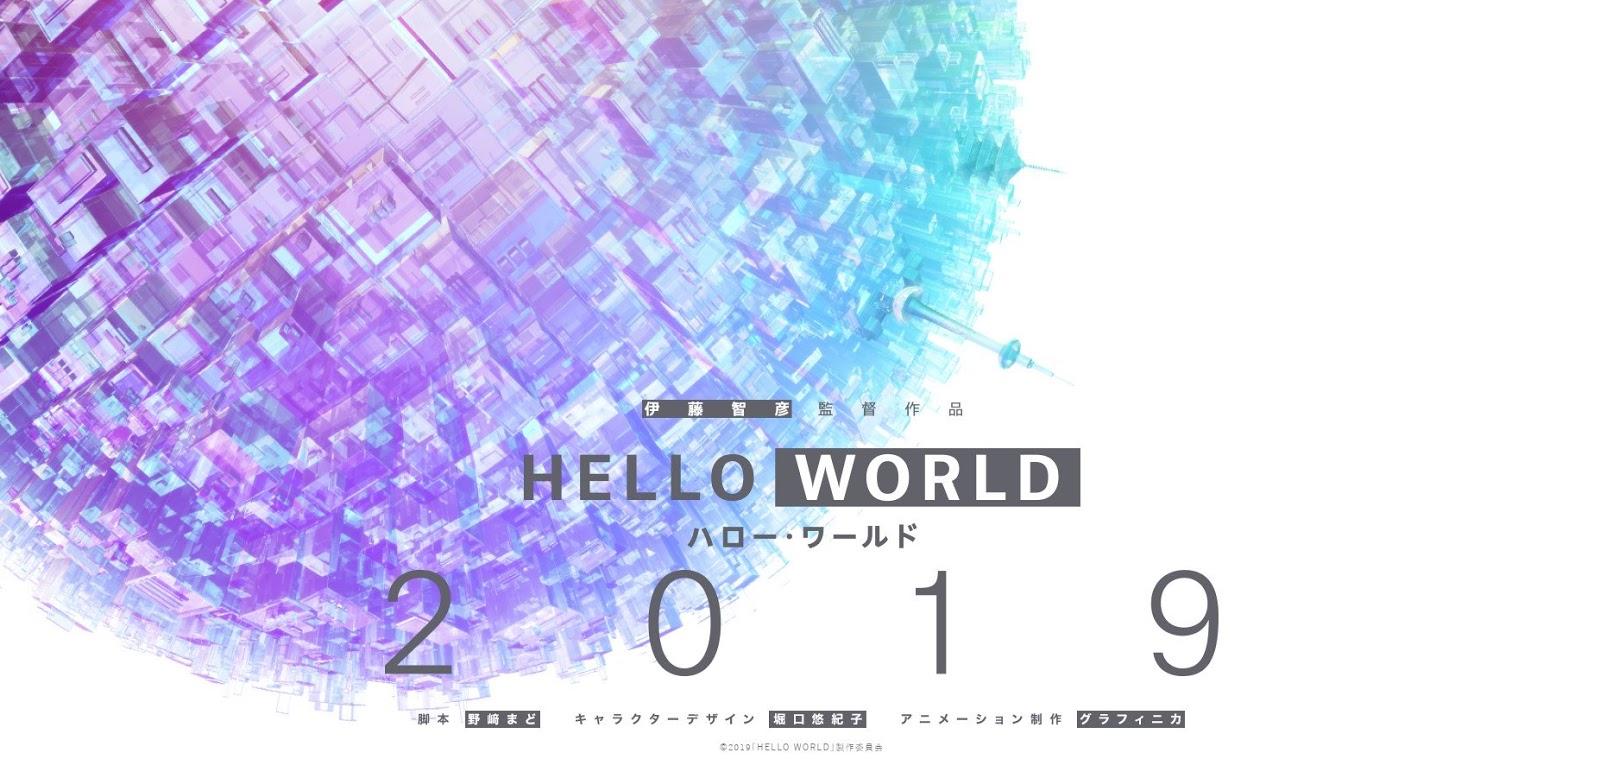 El director Tomohiko Ito de la serie SAO esta dirigiendo un nuevo proyecto titulado 'Hello World'